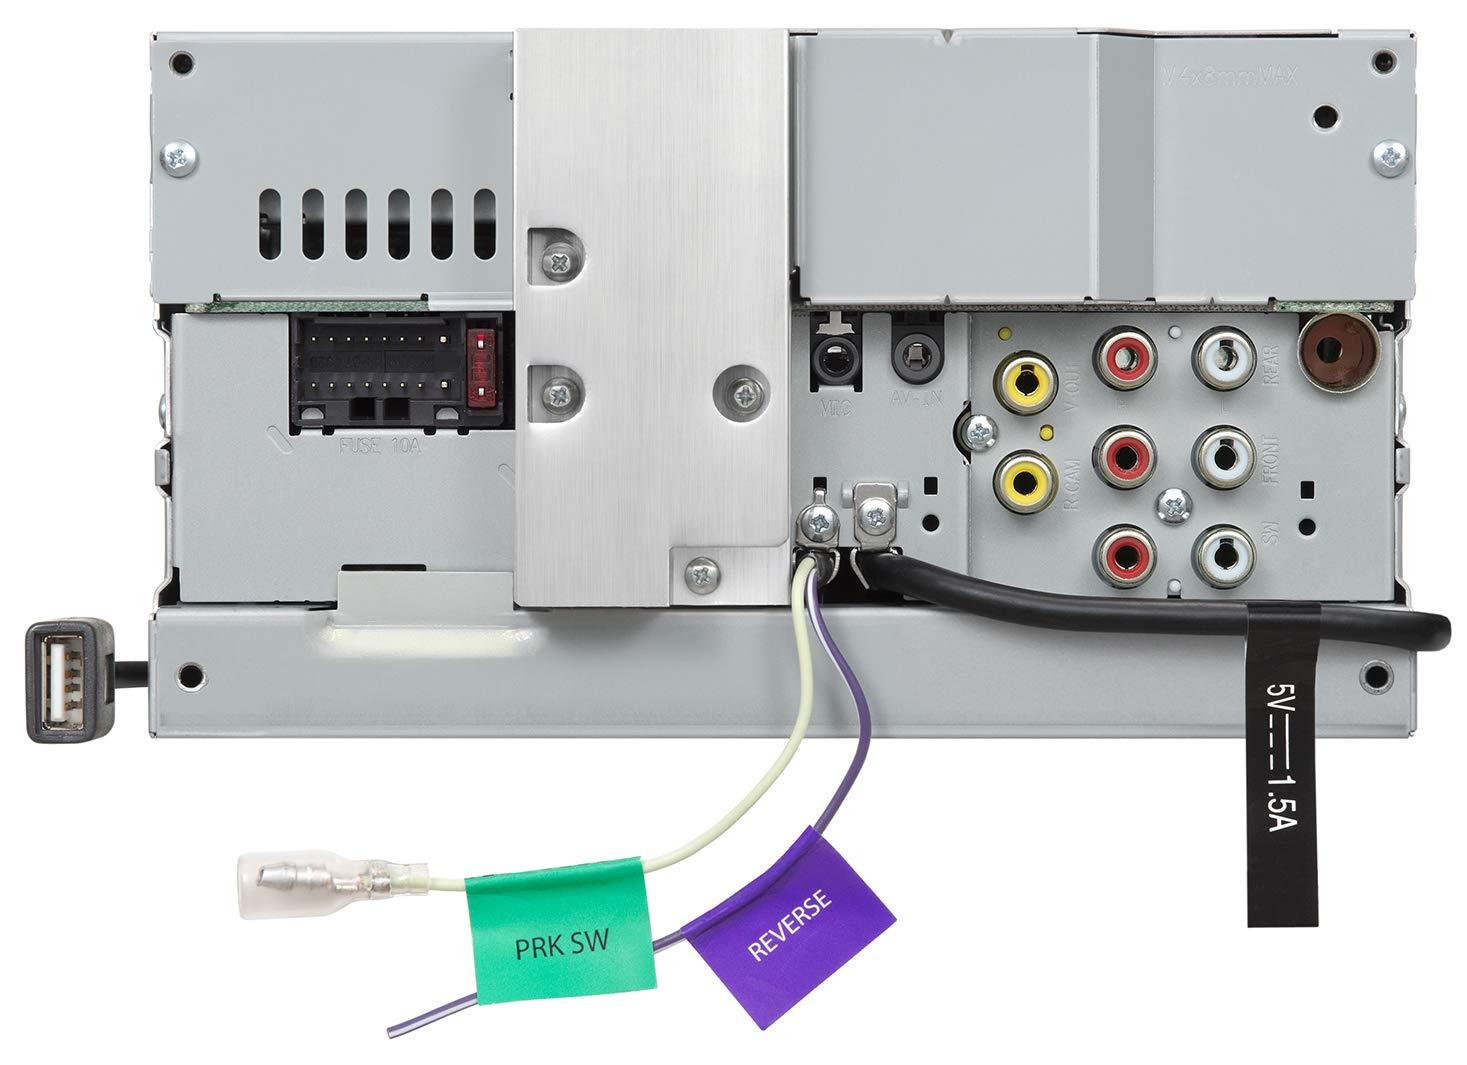 JVC-KW-M450BT-Digital-Media-2-Din-Autoradio-mit-157-cm-Touchscreen-2X-USB-Bluetooth-Freisprecheinrichtung-Android-Spotify-Control-Schwarz